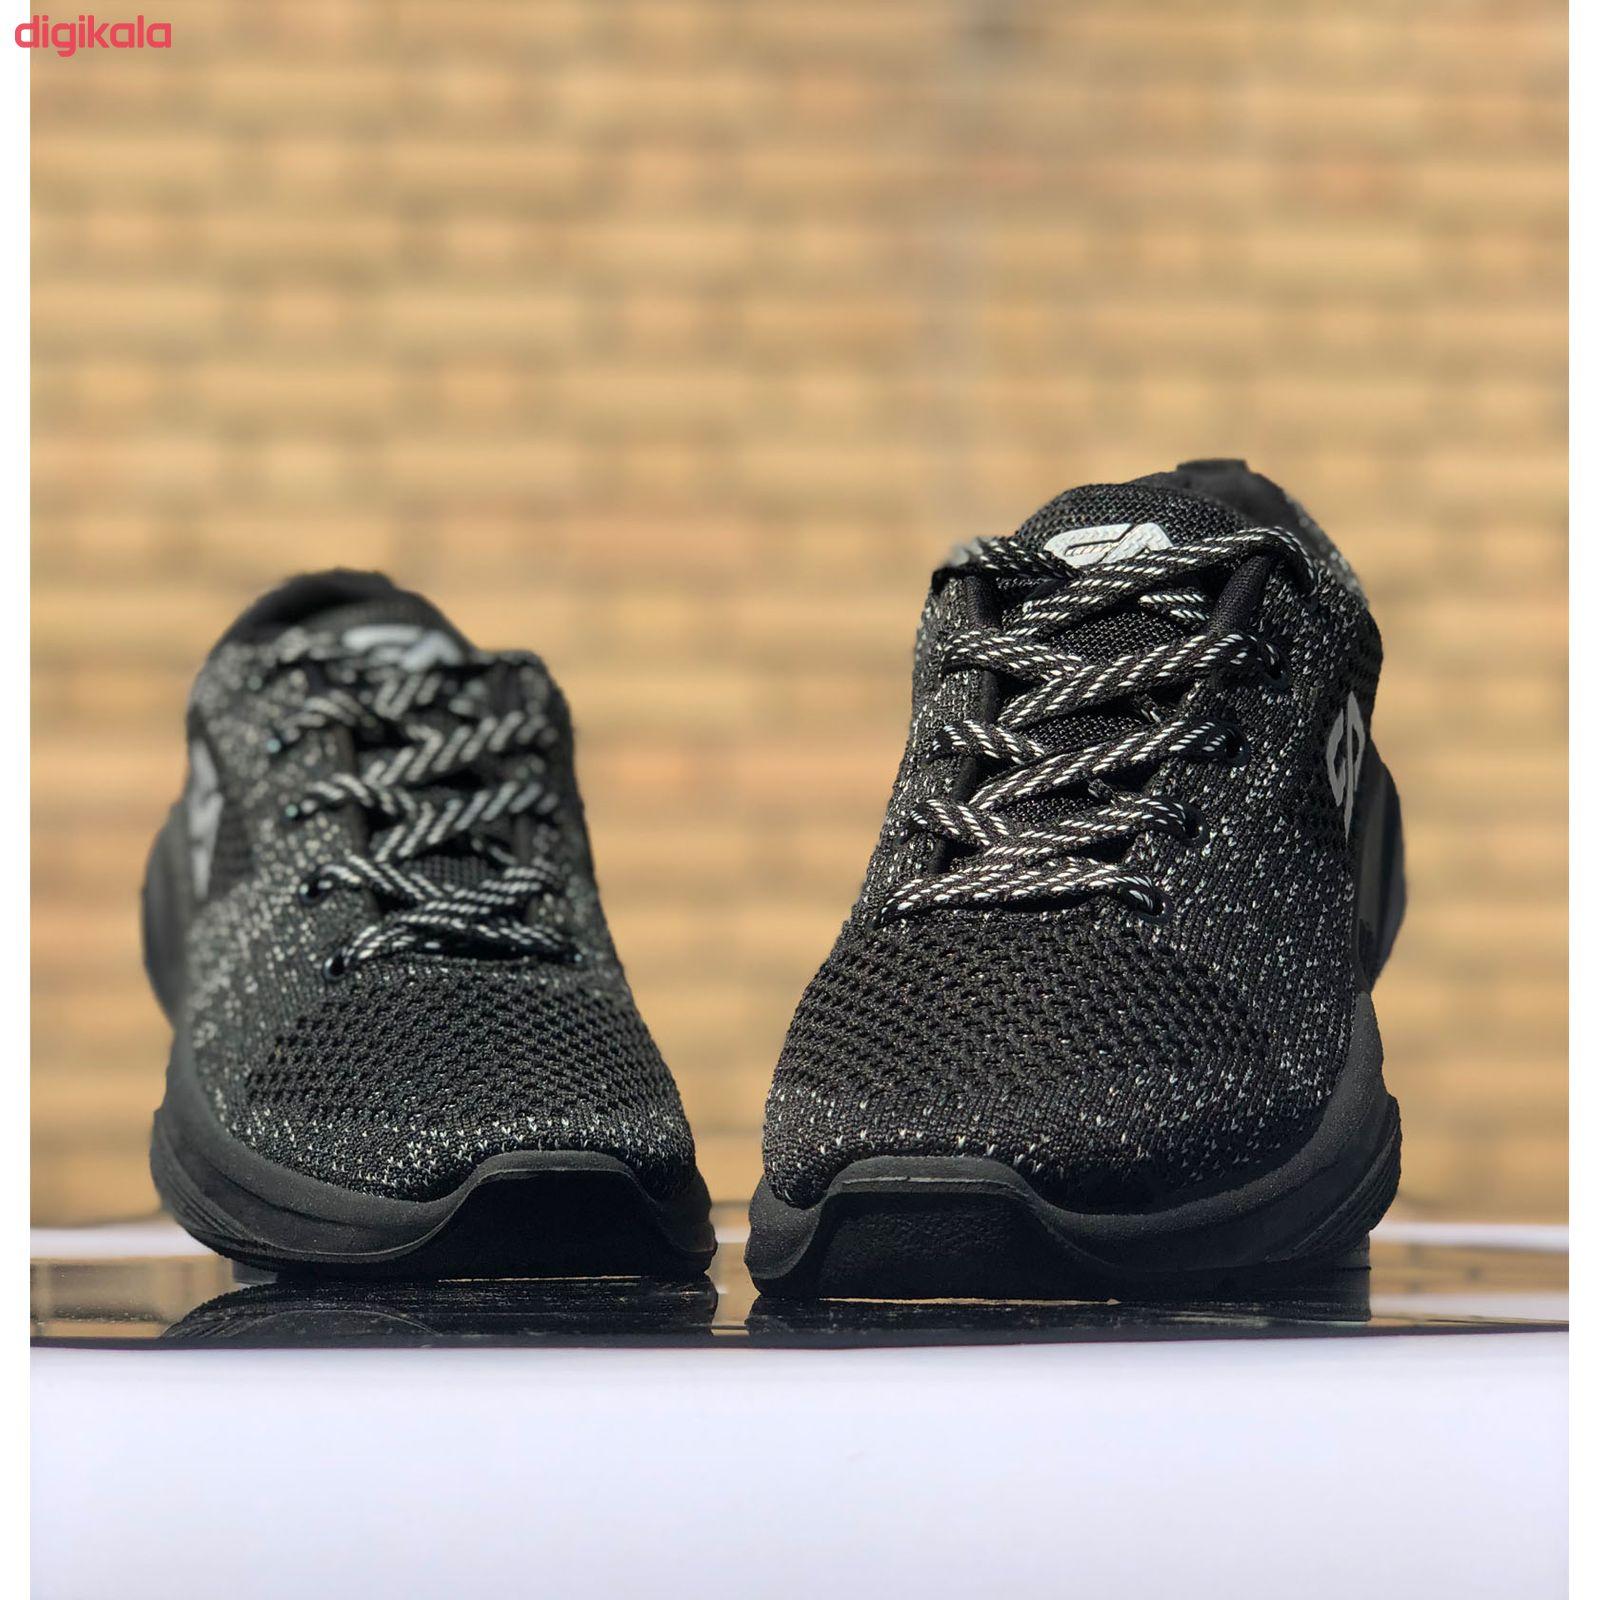 کفش پیاده روی زنانه سعیدی مدل Sa 306 main 1 3